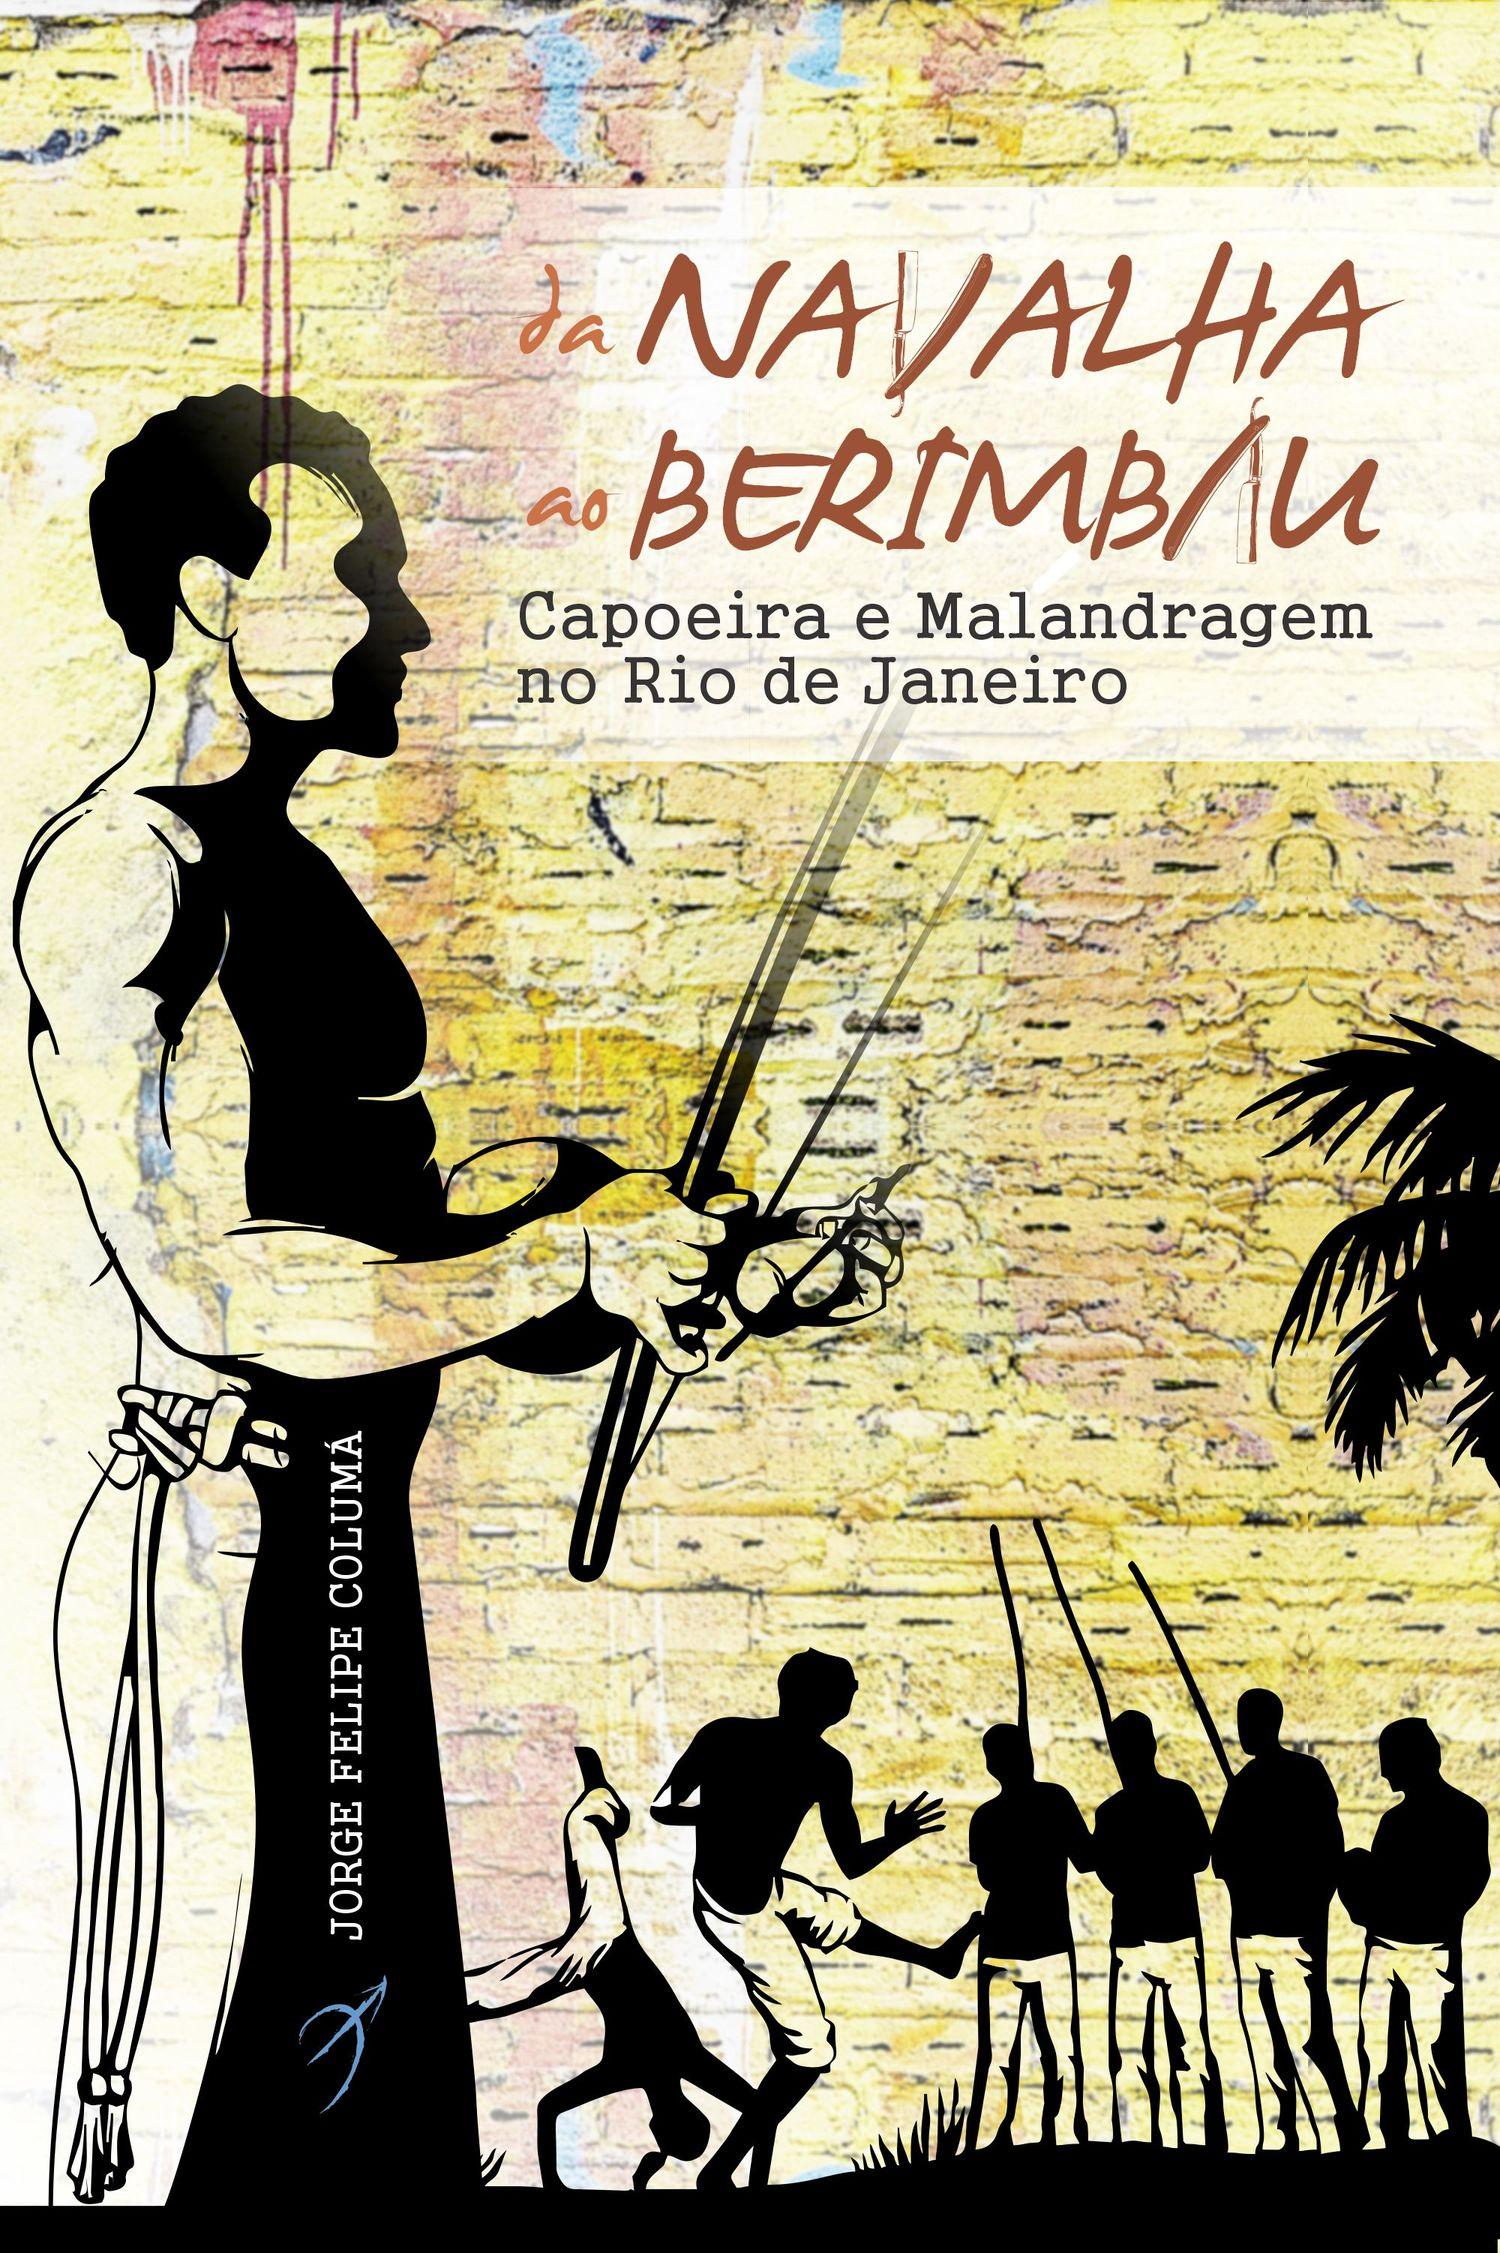 Livro  Da navalha ao berimbau